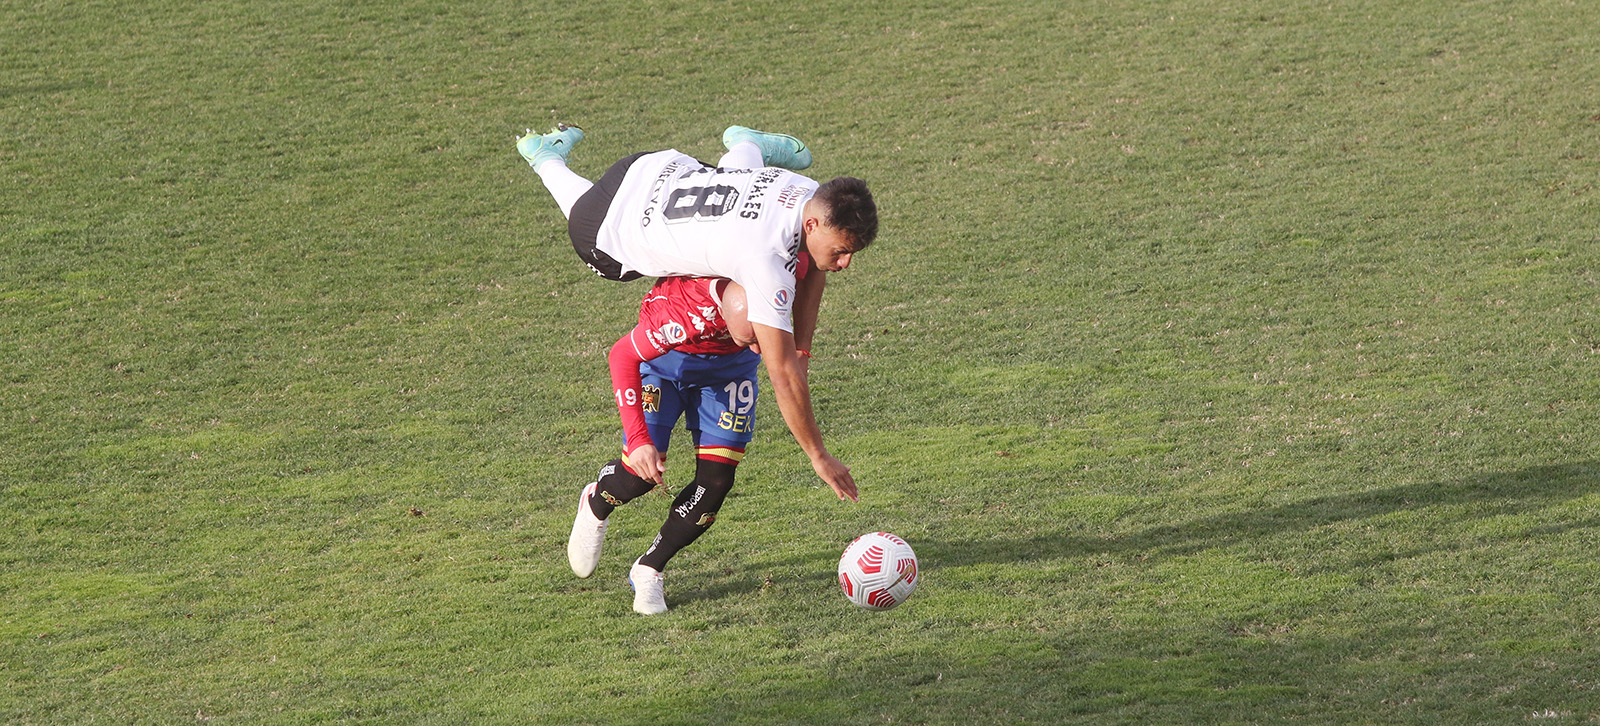 *VIDEO* Los goles y jugadas de la decimosexta fecha del Torneo Nacional